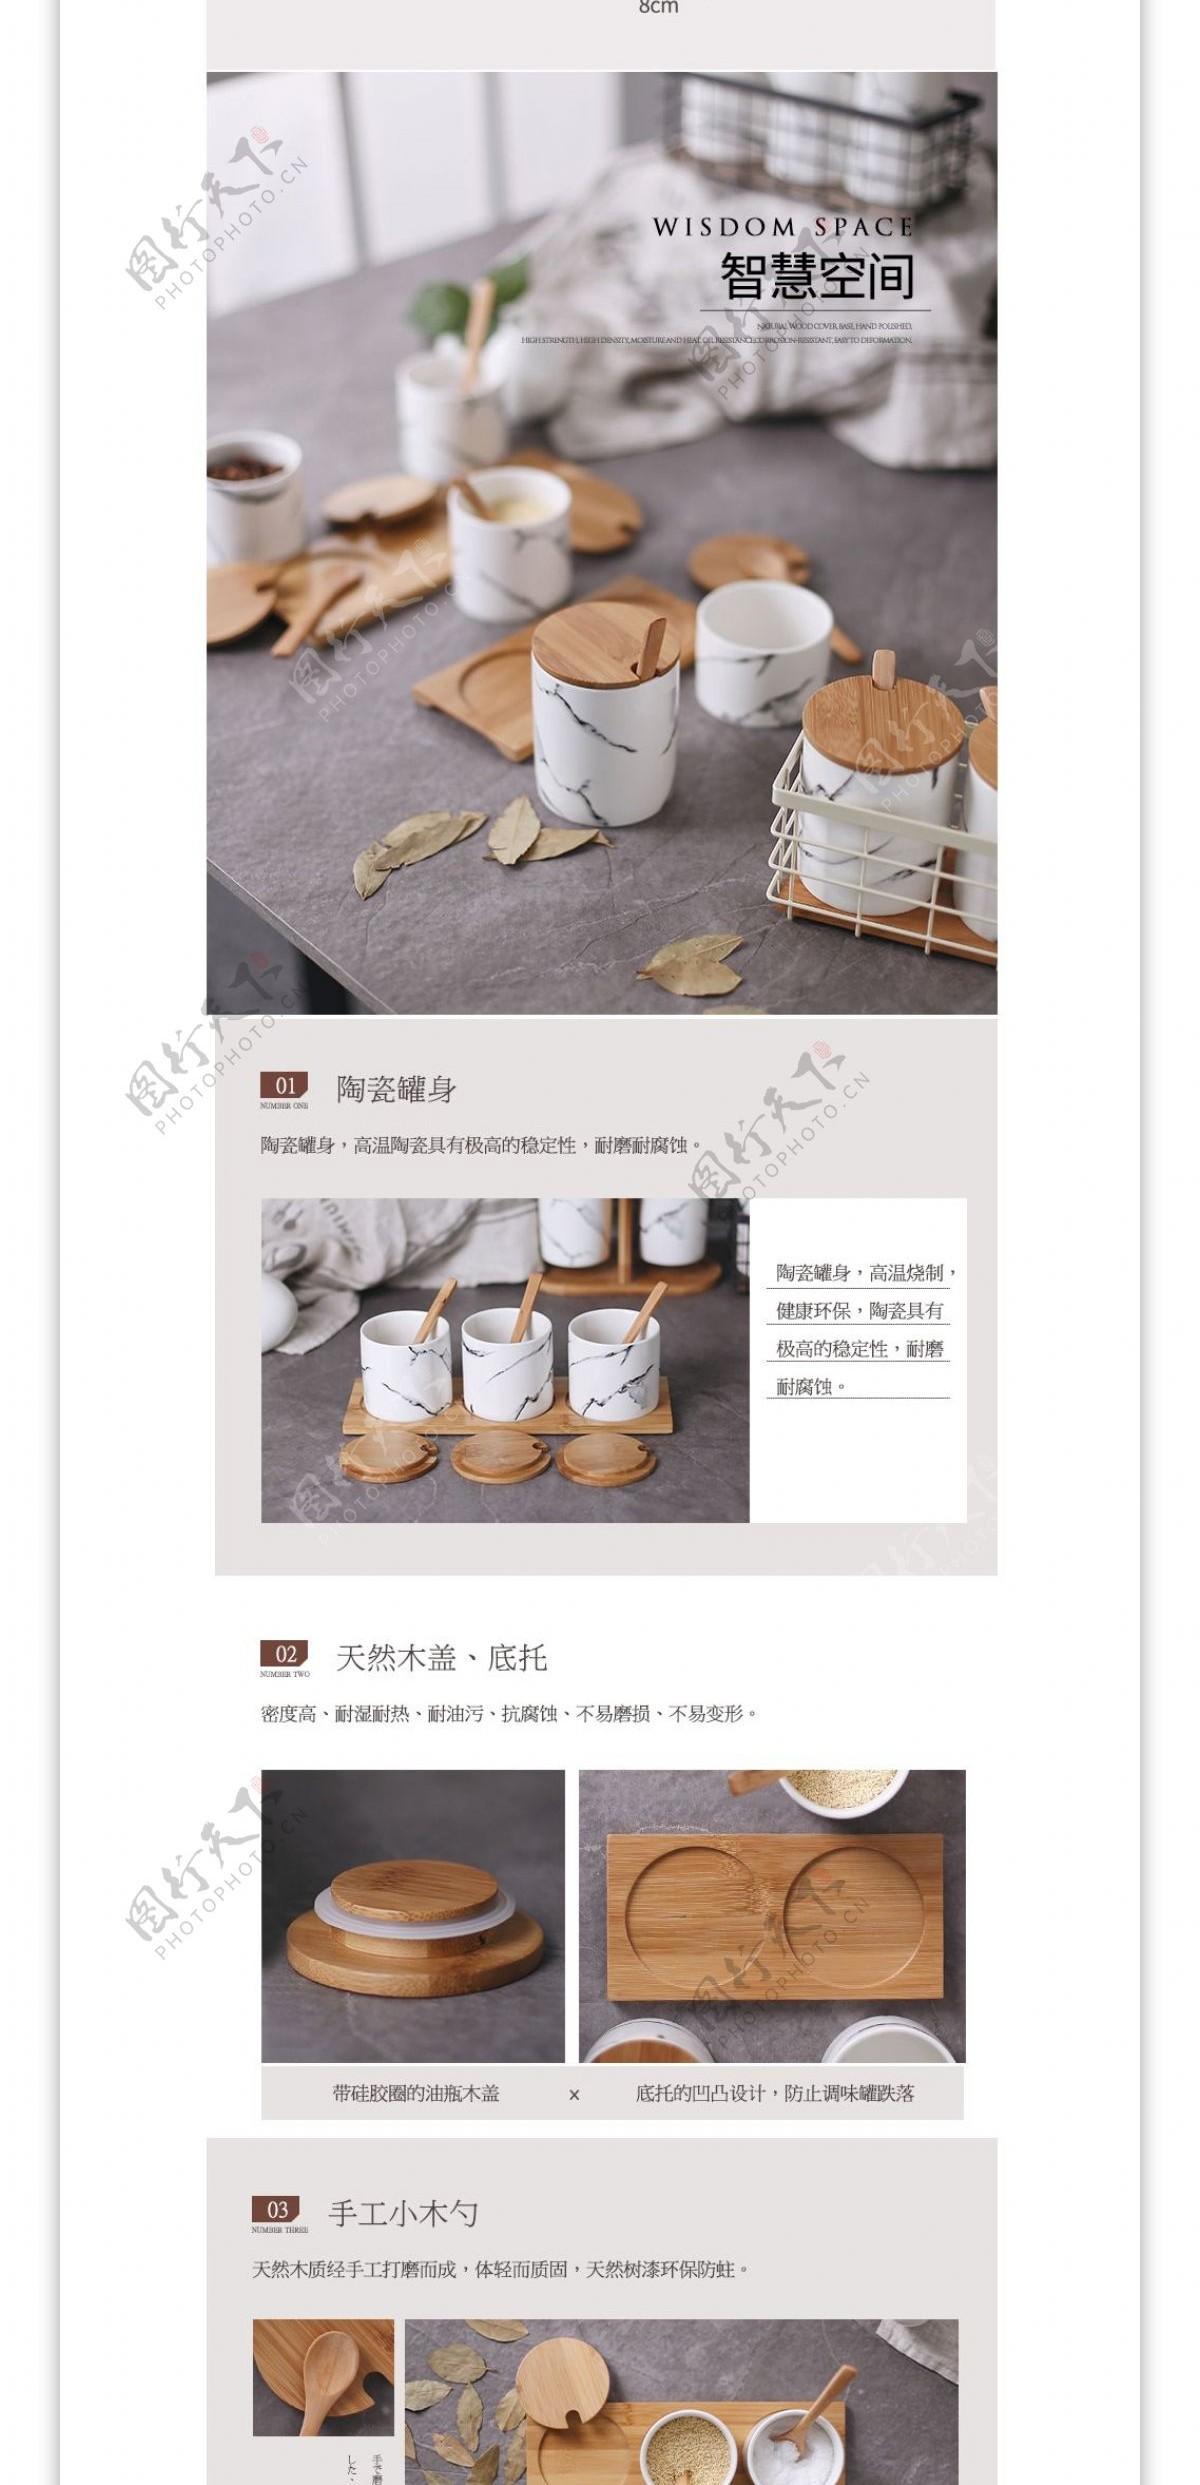 天猫超市黄金周新颖简约电商详情页模版